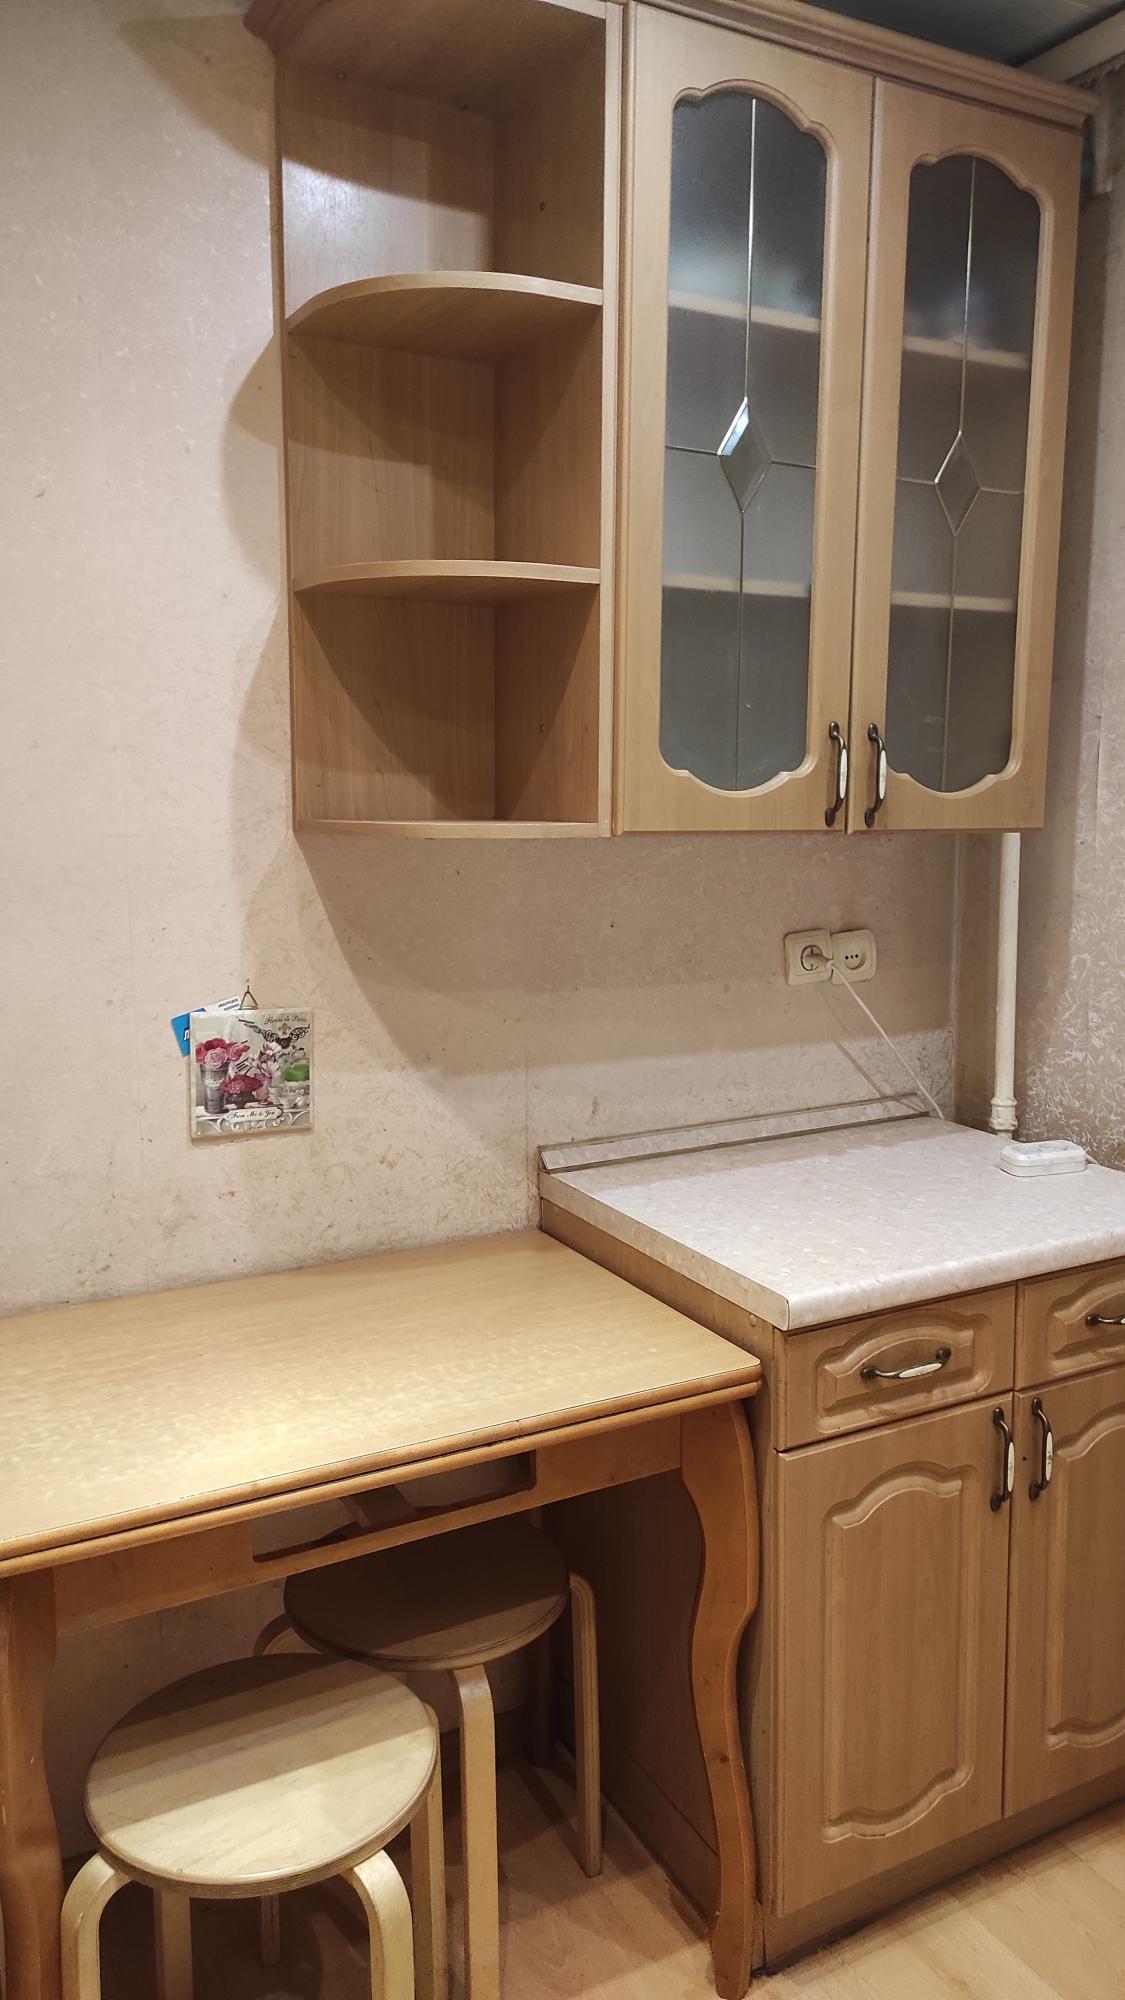 Квартира, 2 комнаты, 43.5 м² в Люберцах 89859757413 купить 9